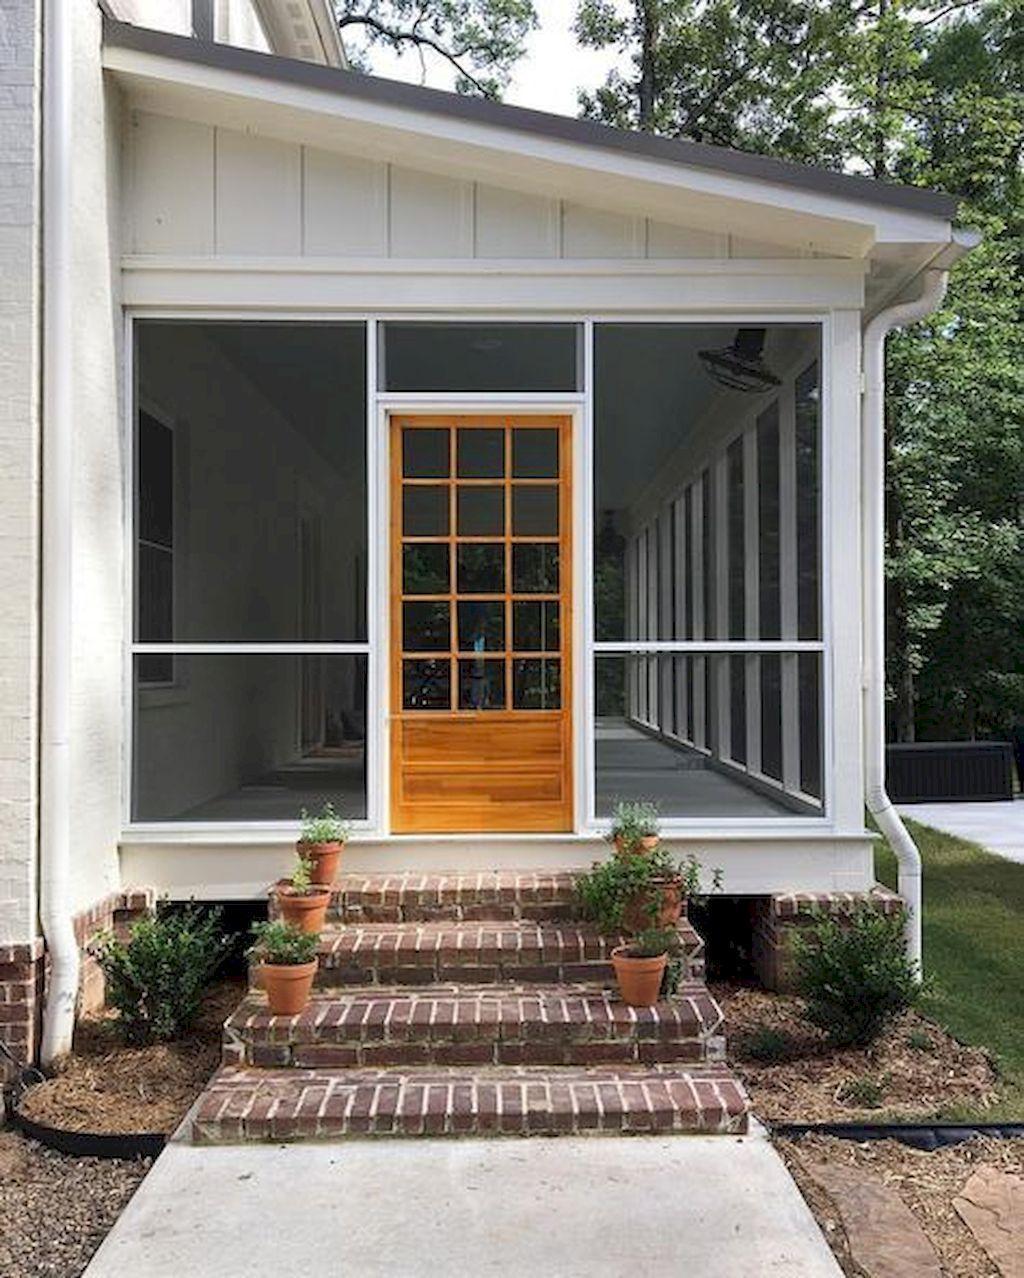 Best Farmhouse Front Porch Remodel Ideas 54 Homeideas Co Porch Remodel Porch Design Backyard Porch